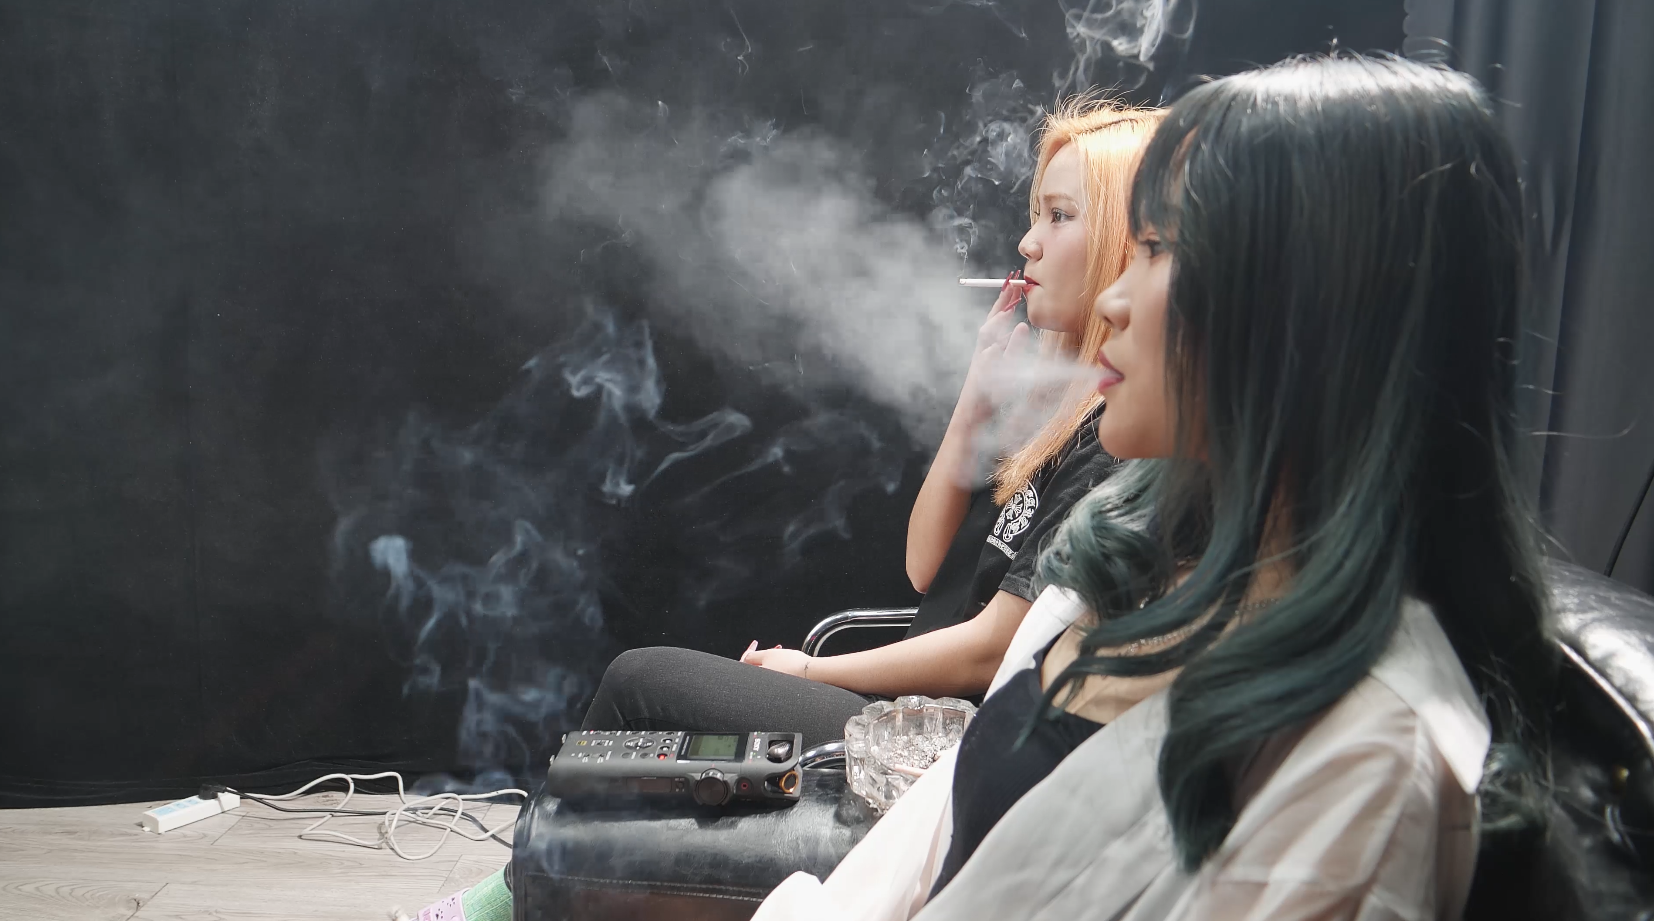 两个拥有多年烟龄的美女抽烟交谈